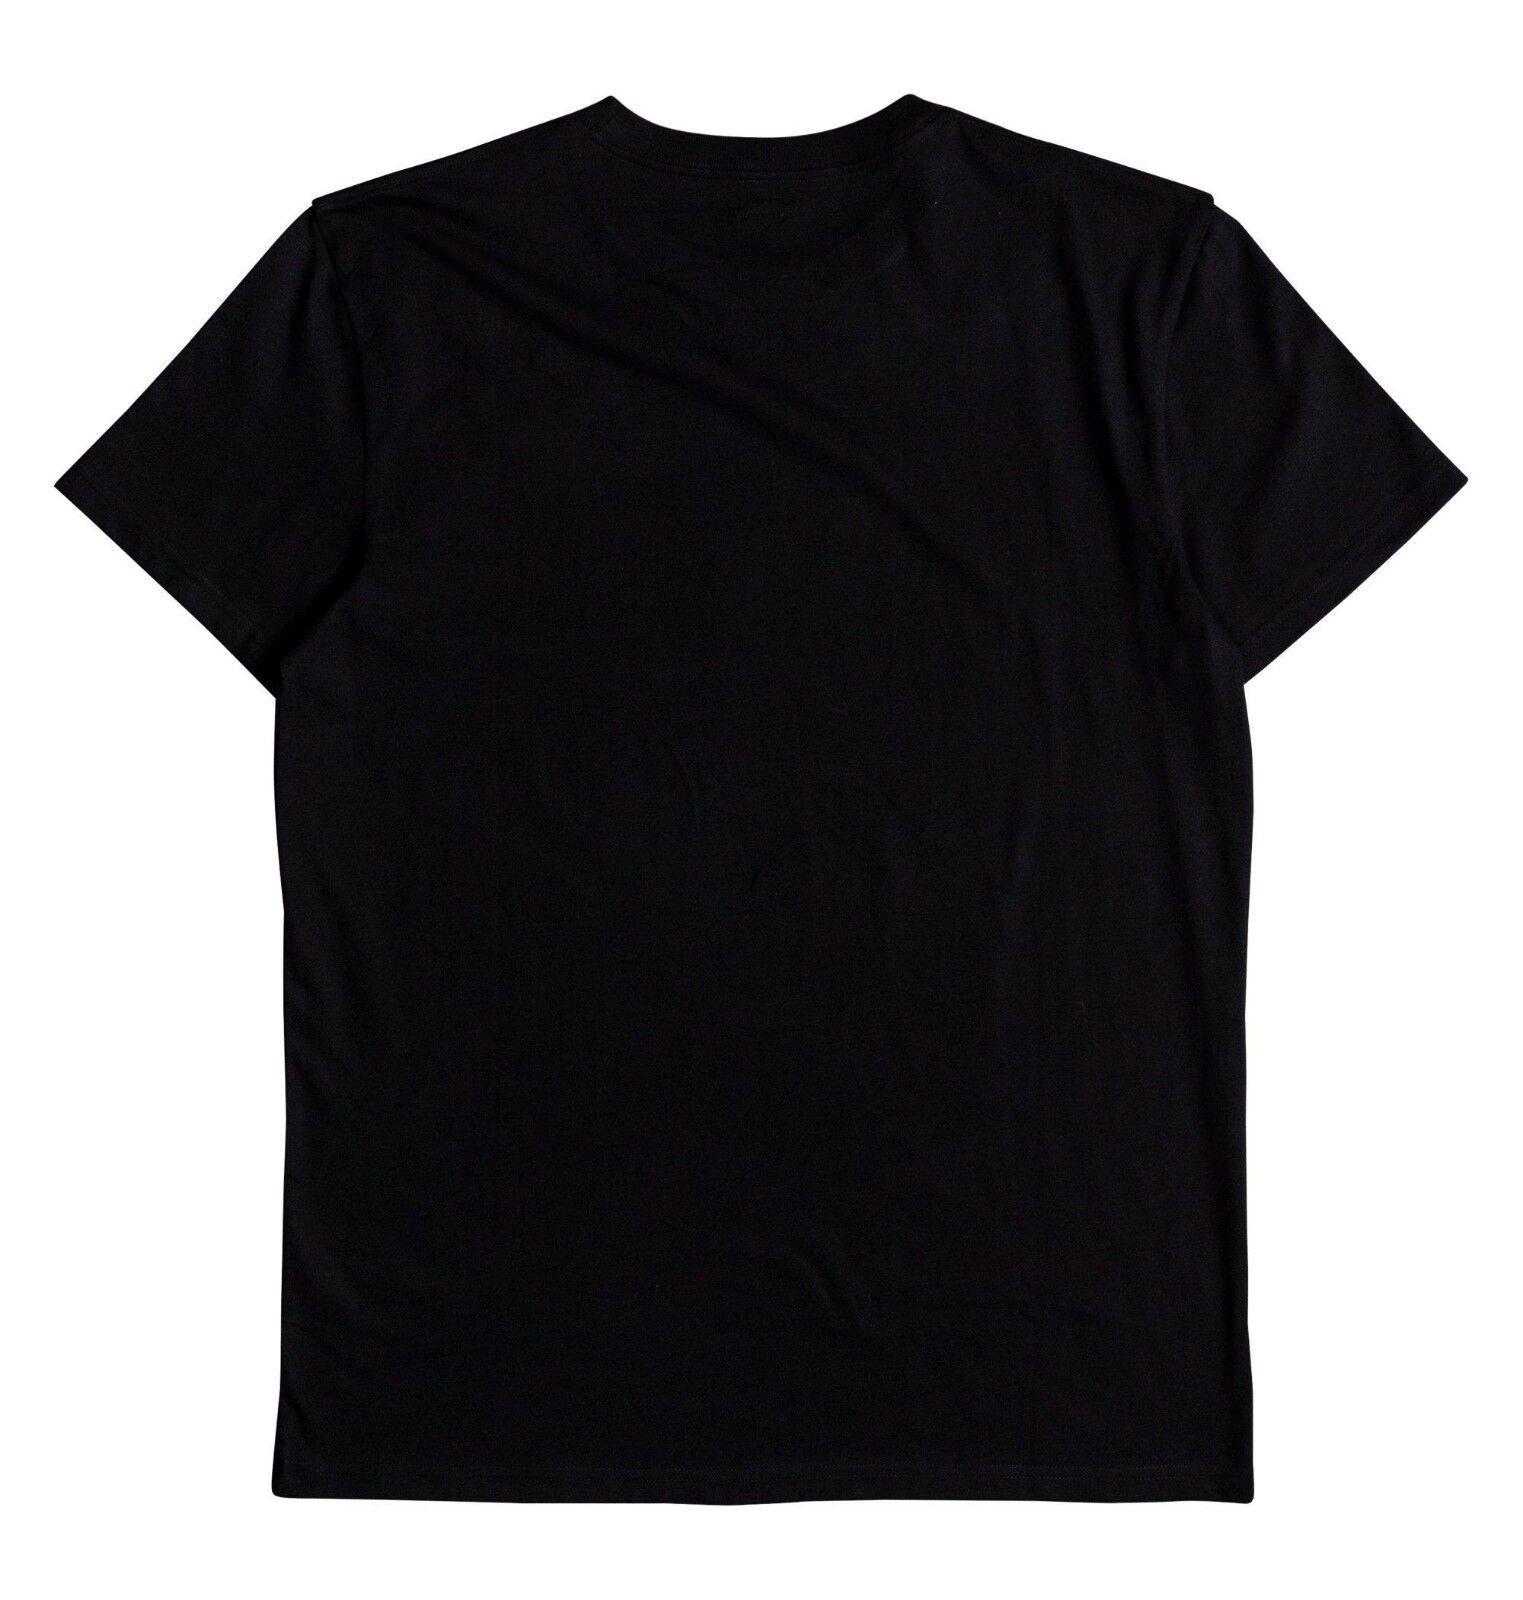 DC Chaussures Homme T Shirt. Nez Noir Coton Manches Courtes Coton Noir Skate Top Tee 8 W 34 KVJO d85ee3